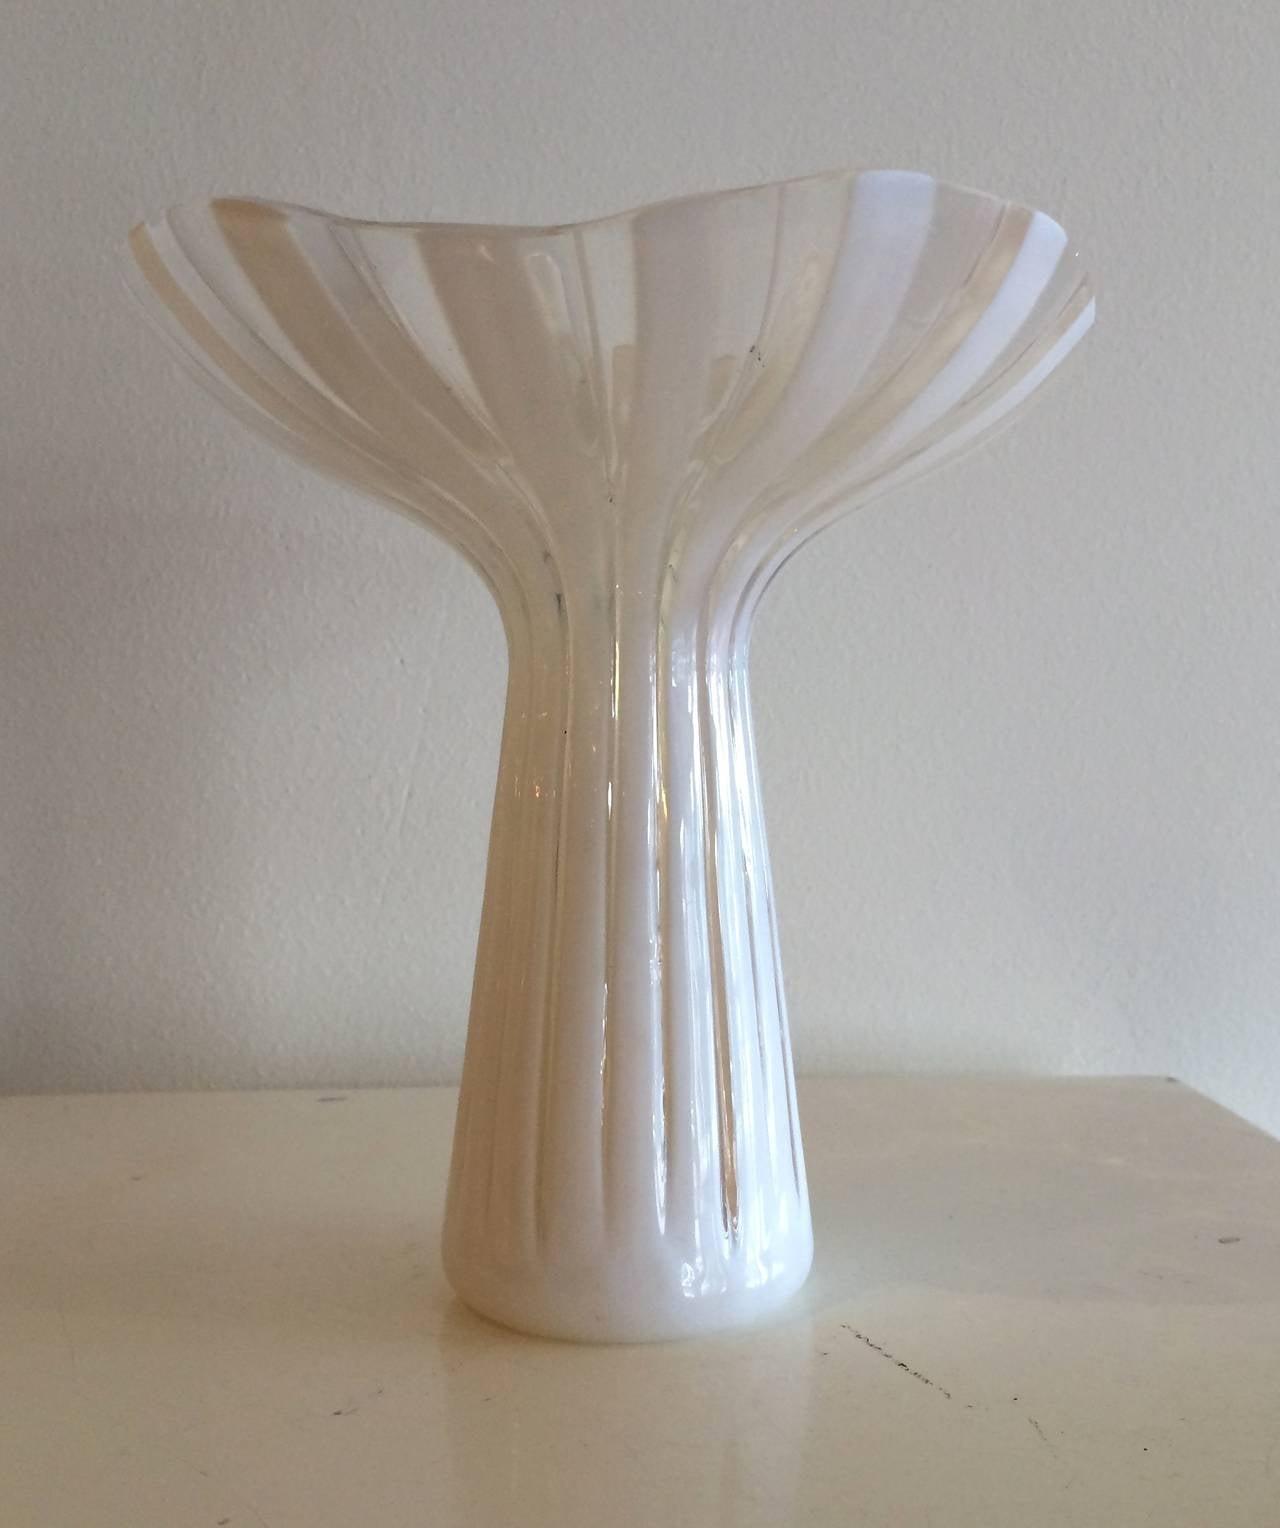 Murano Vase Images Murano Bud Vase Image 4